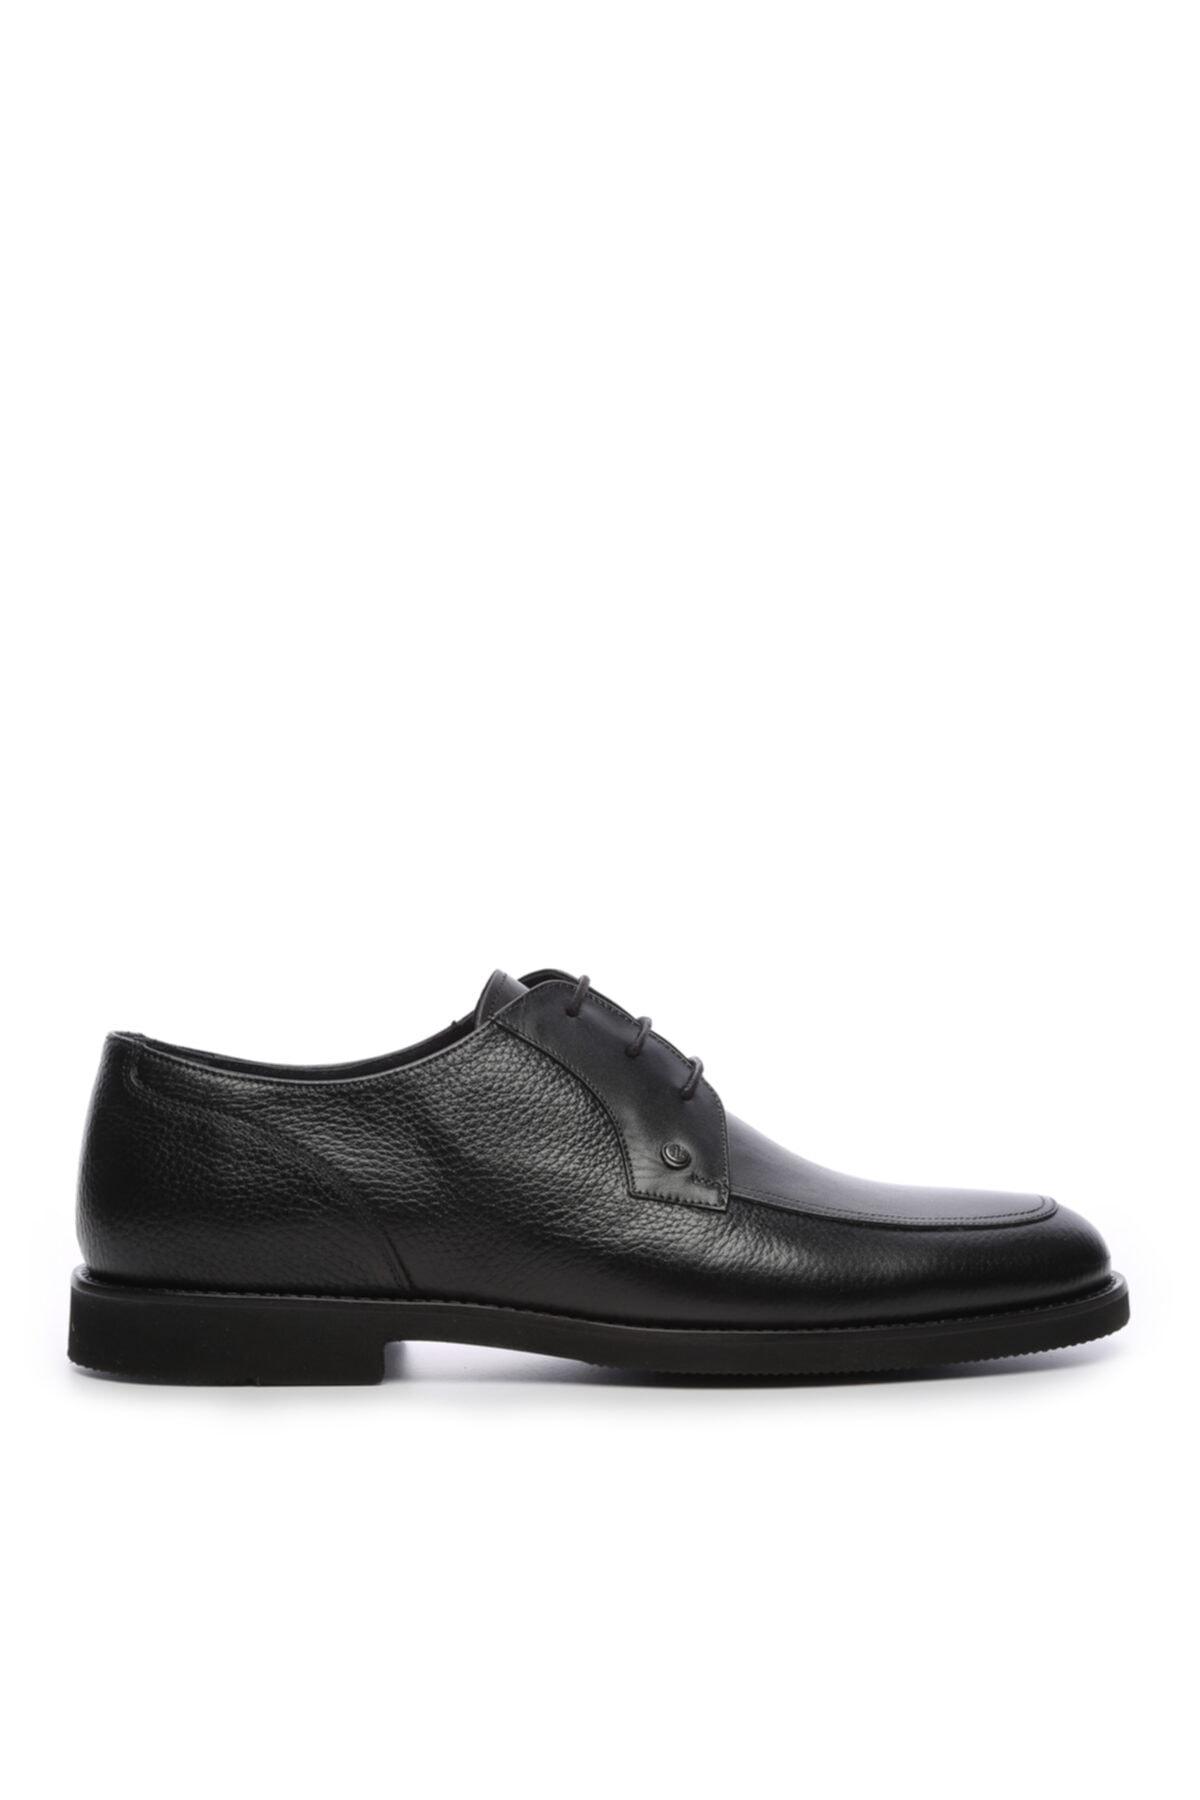 قیمت کفش کلاسیک مردانه برند کمال تانجا رنگ مشکی کد ty33051613